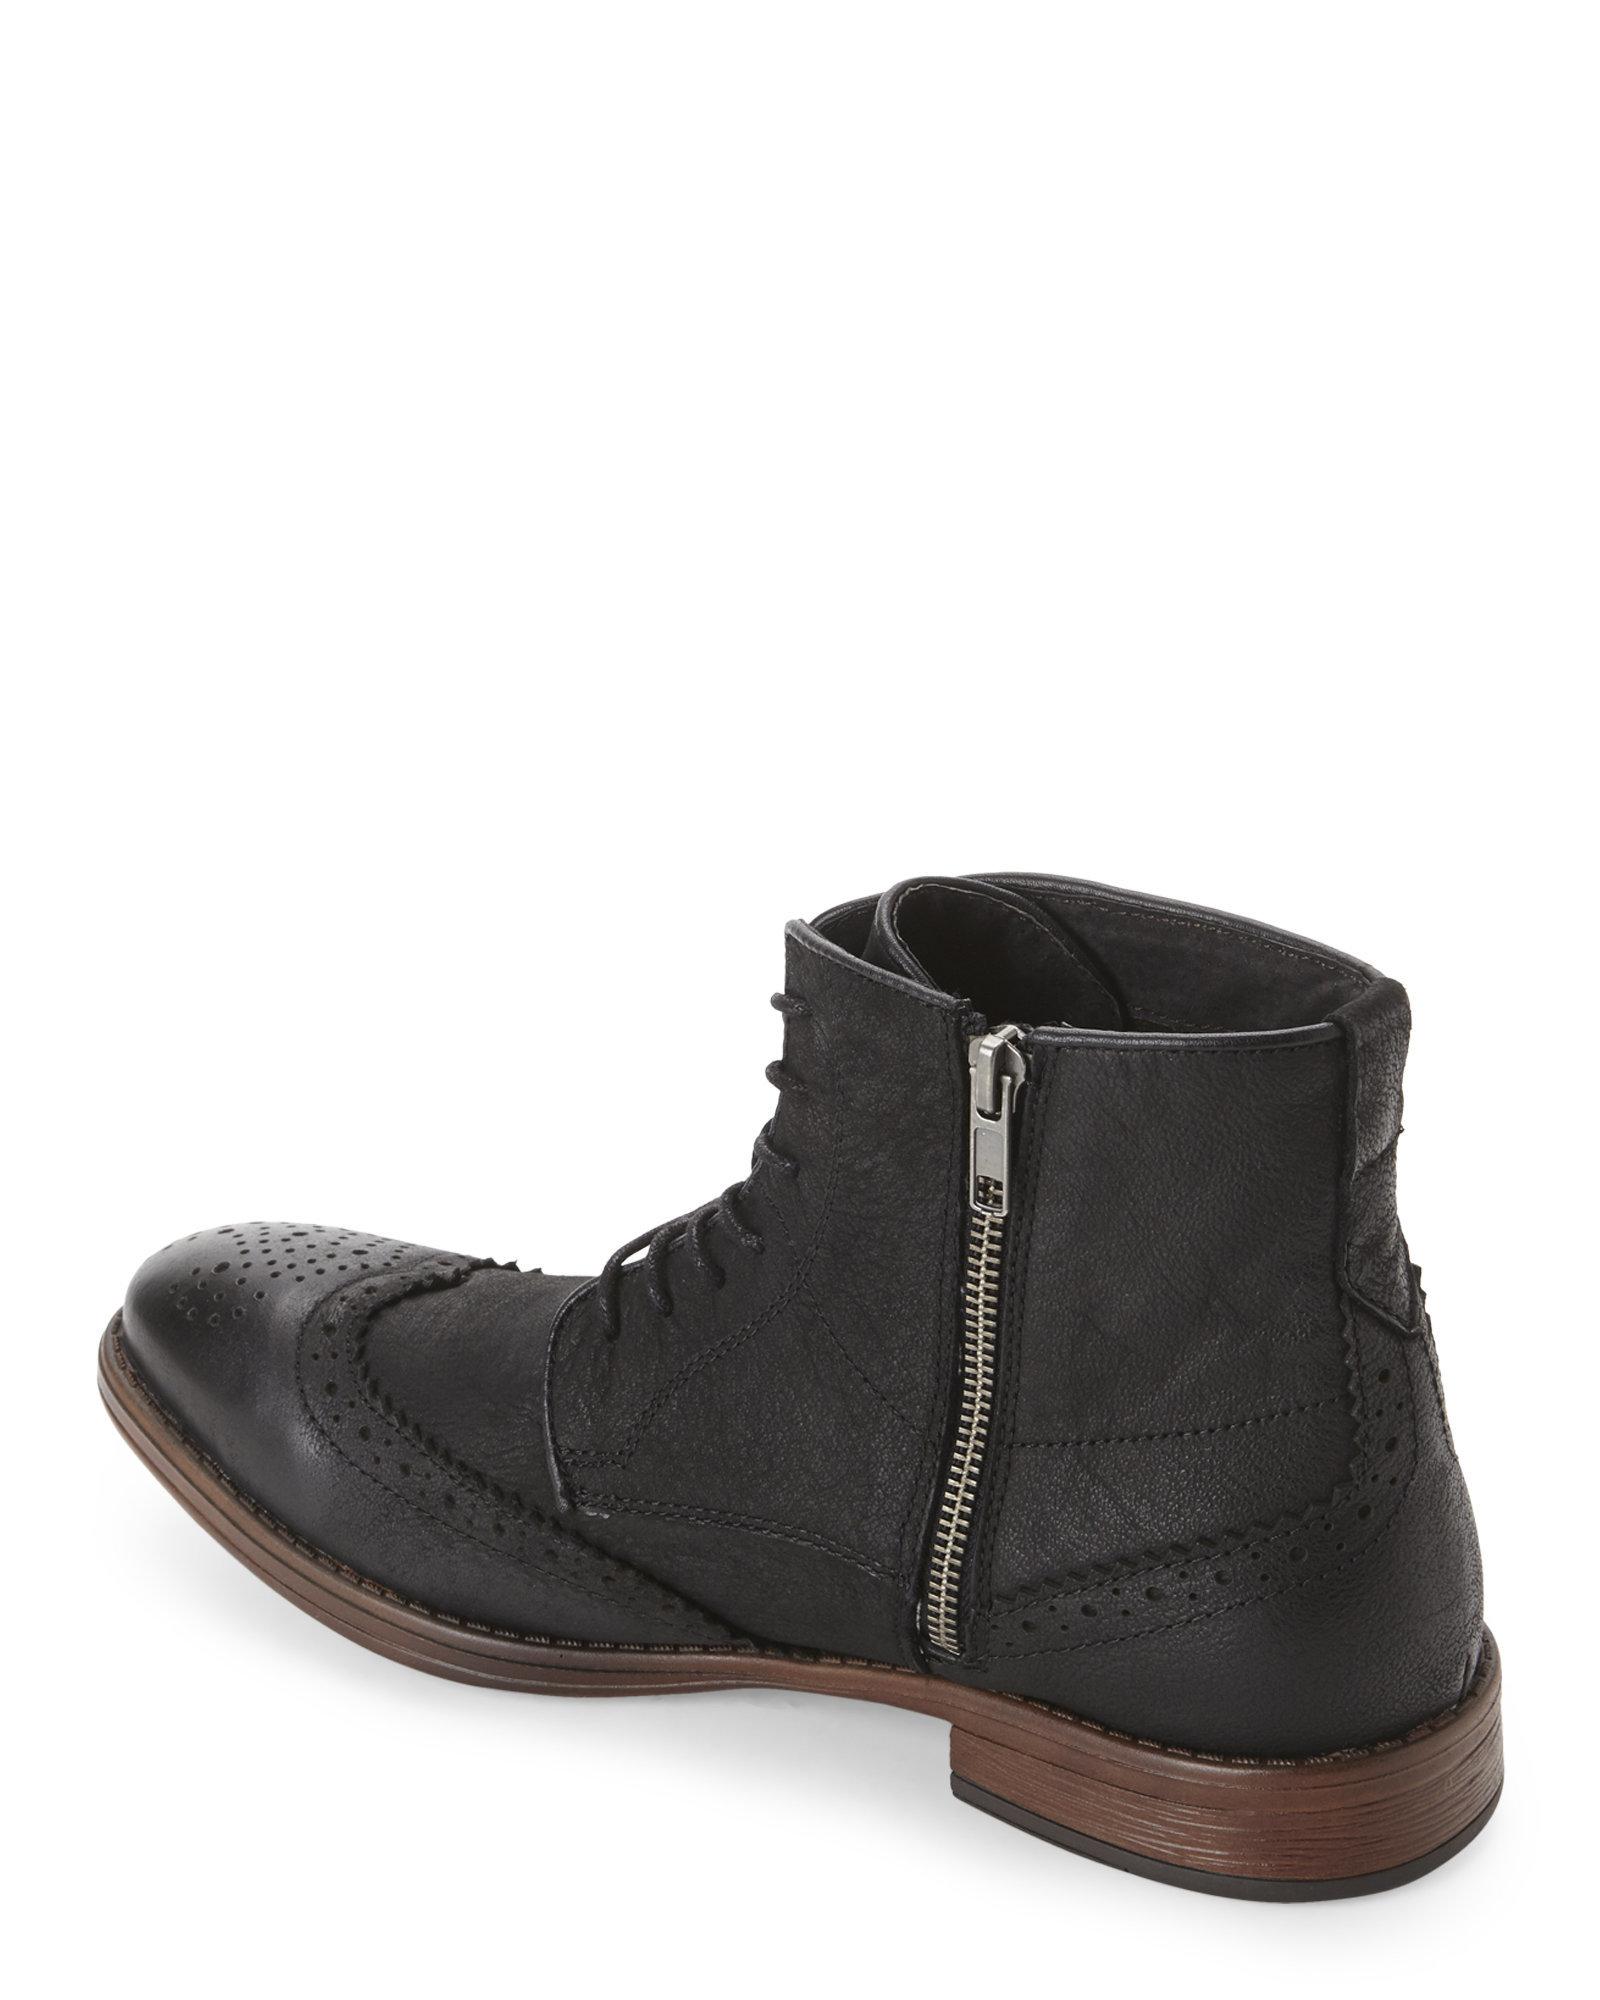 Steve Madden Kelen Chelsea Boot In Black For Men Lyst